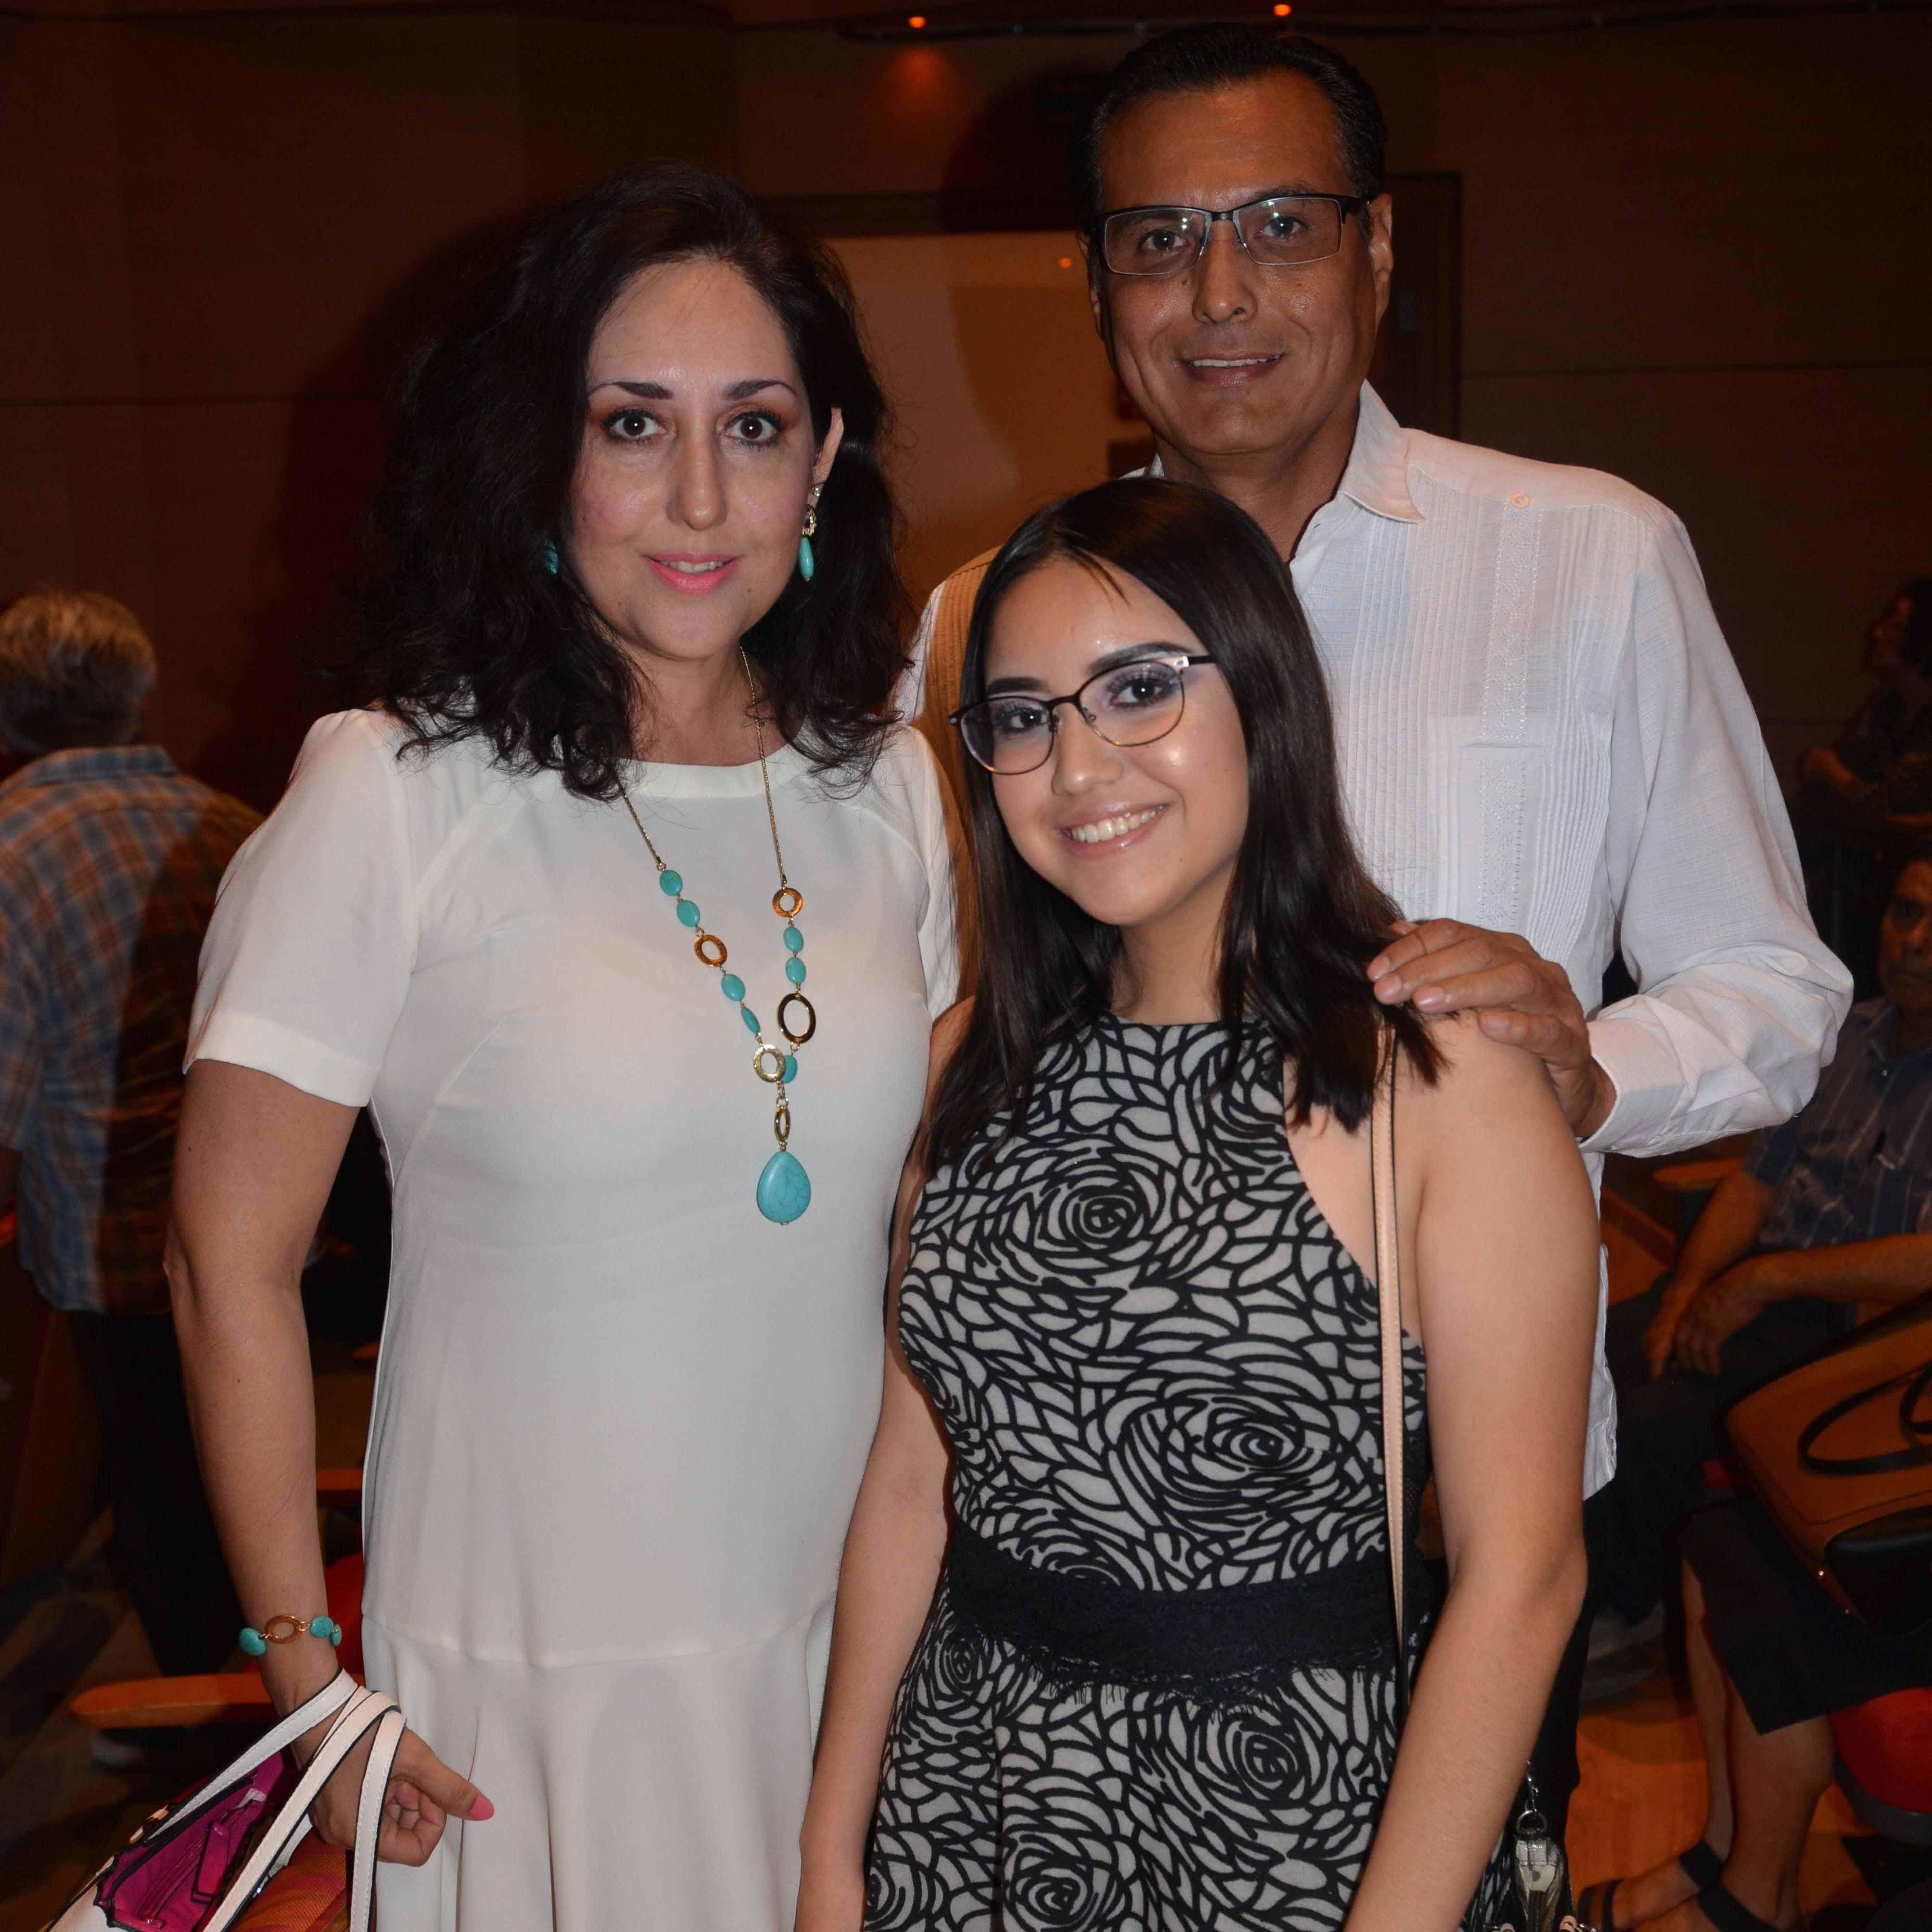 EN FAMILIA. Felipe Rodríguez, Lizett Báez y Camila Rodríguez Báez.